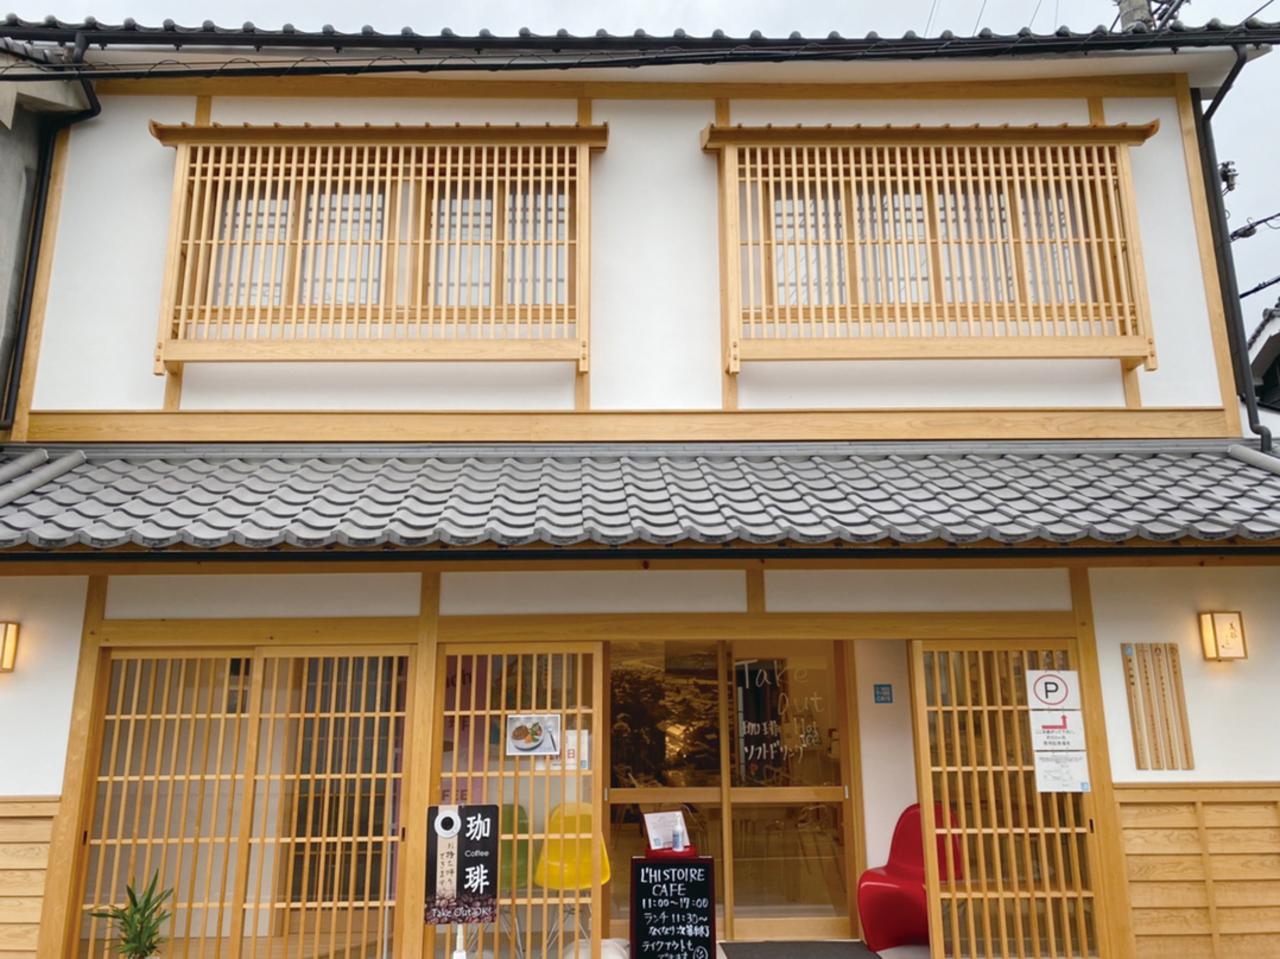 岡山県津山市の『美都津山庵ホテル』10/1open